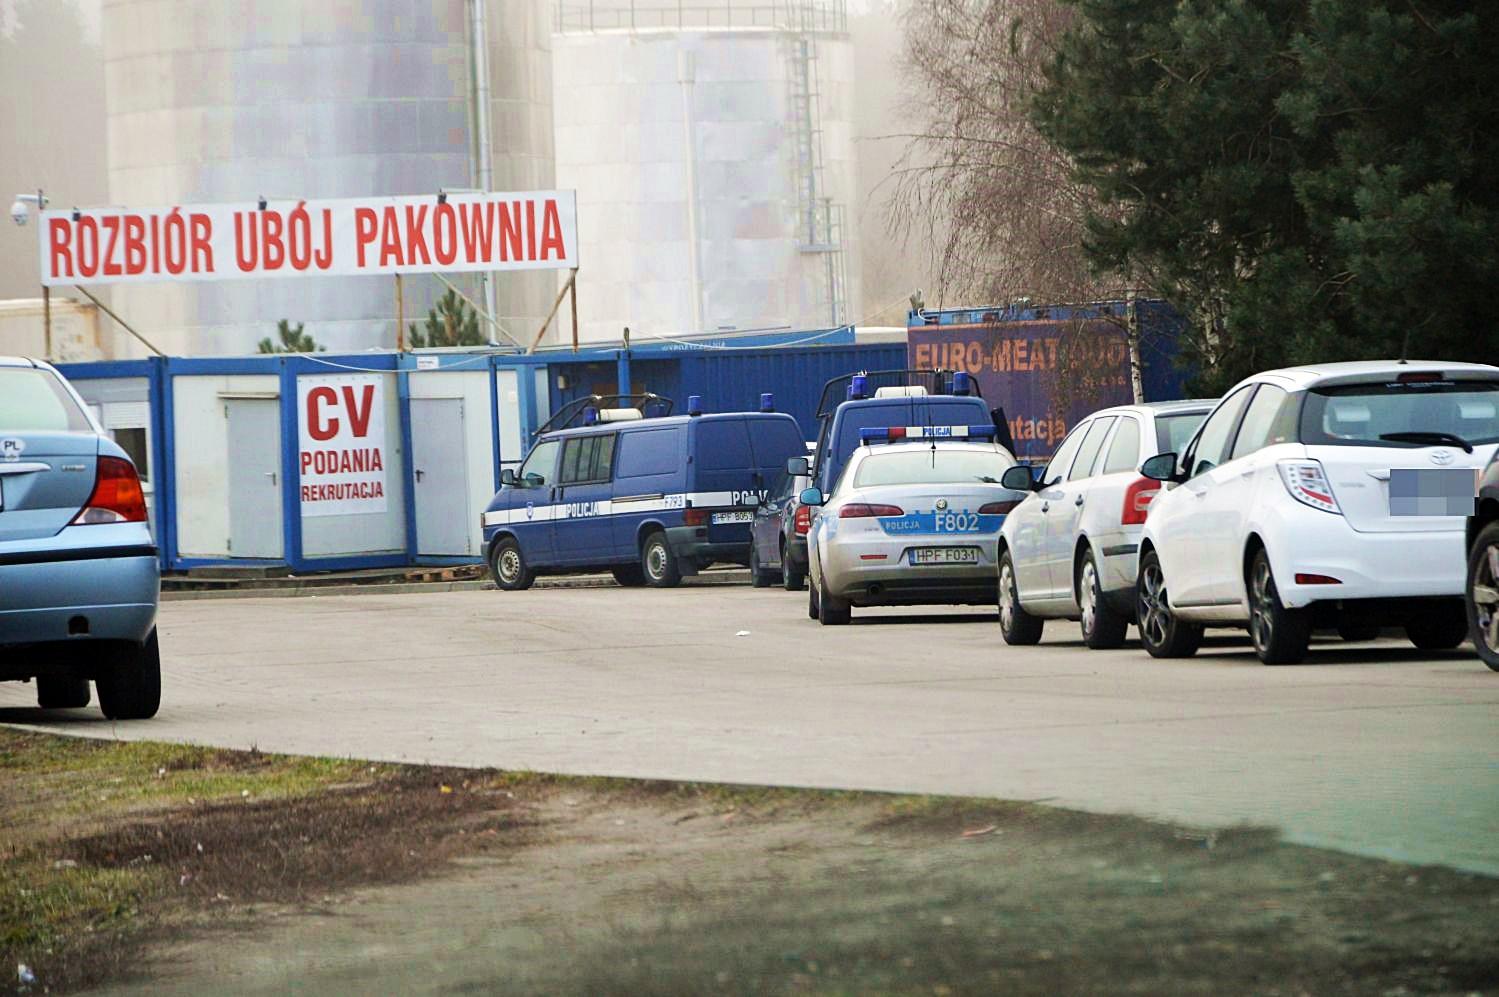 CBŚ w kutnowskiej ubojni. Przed zakładem stoi kilka radiowozów - Zdjęcie główne